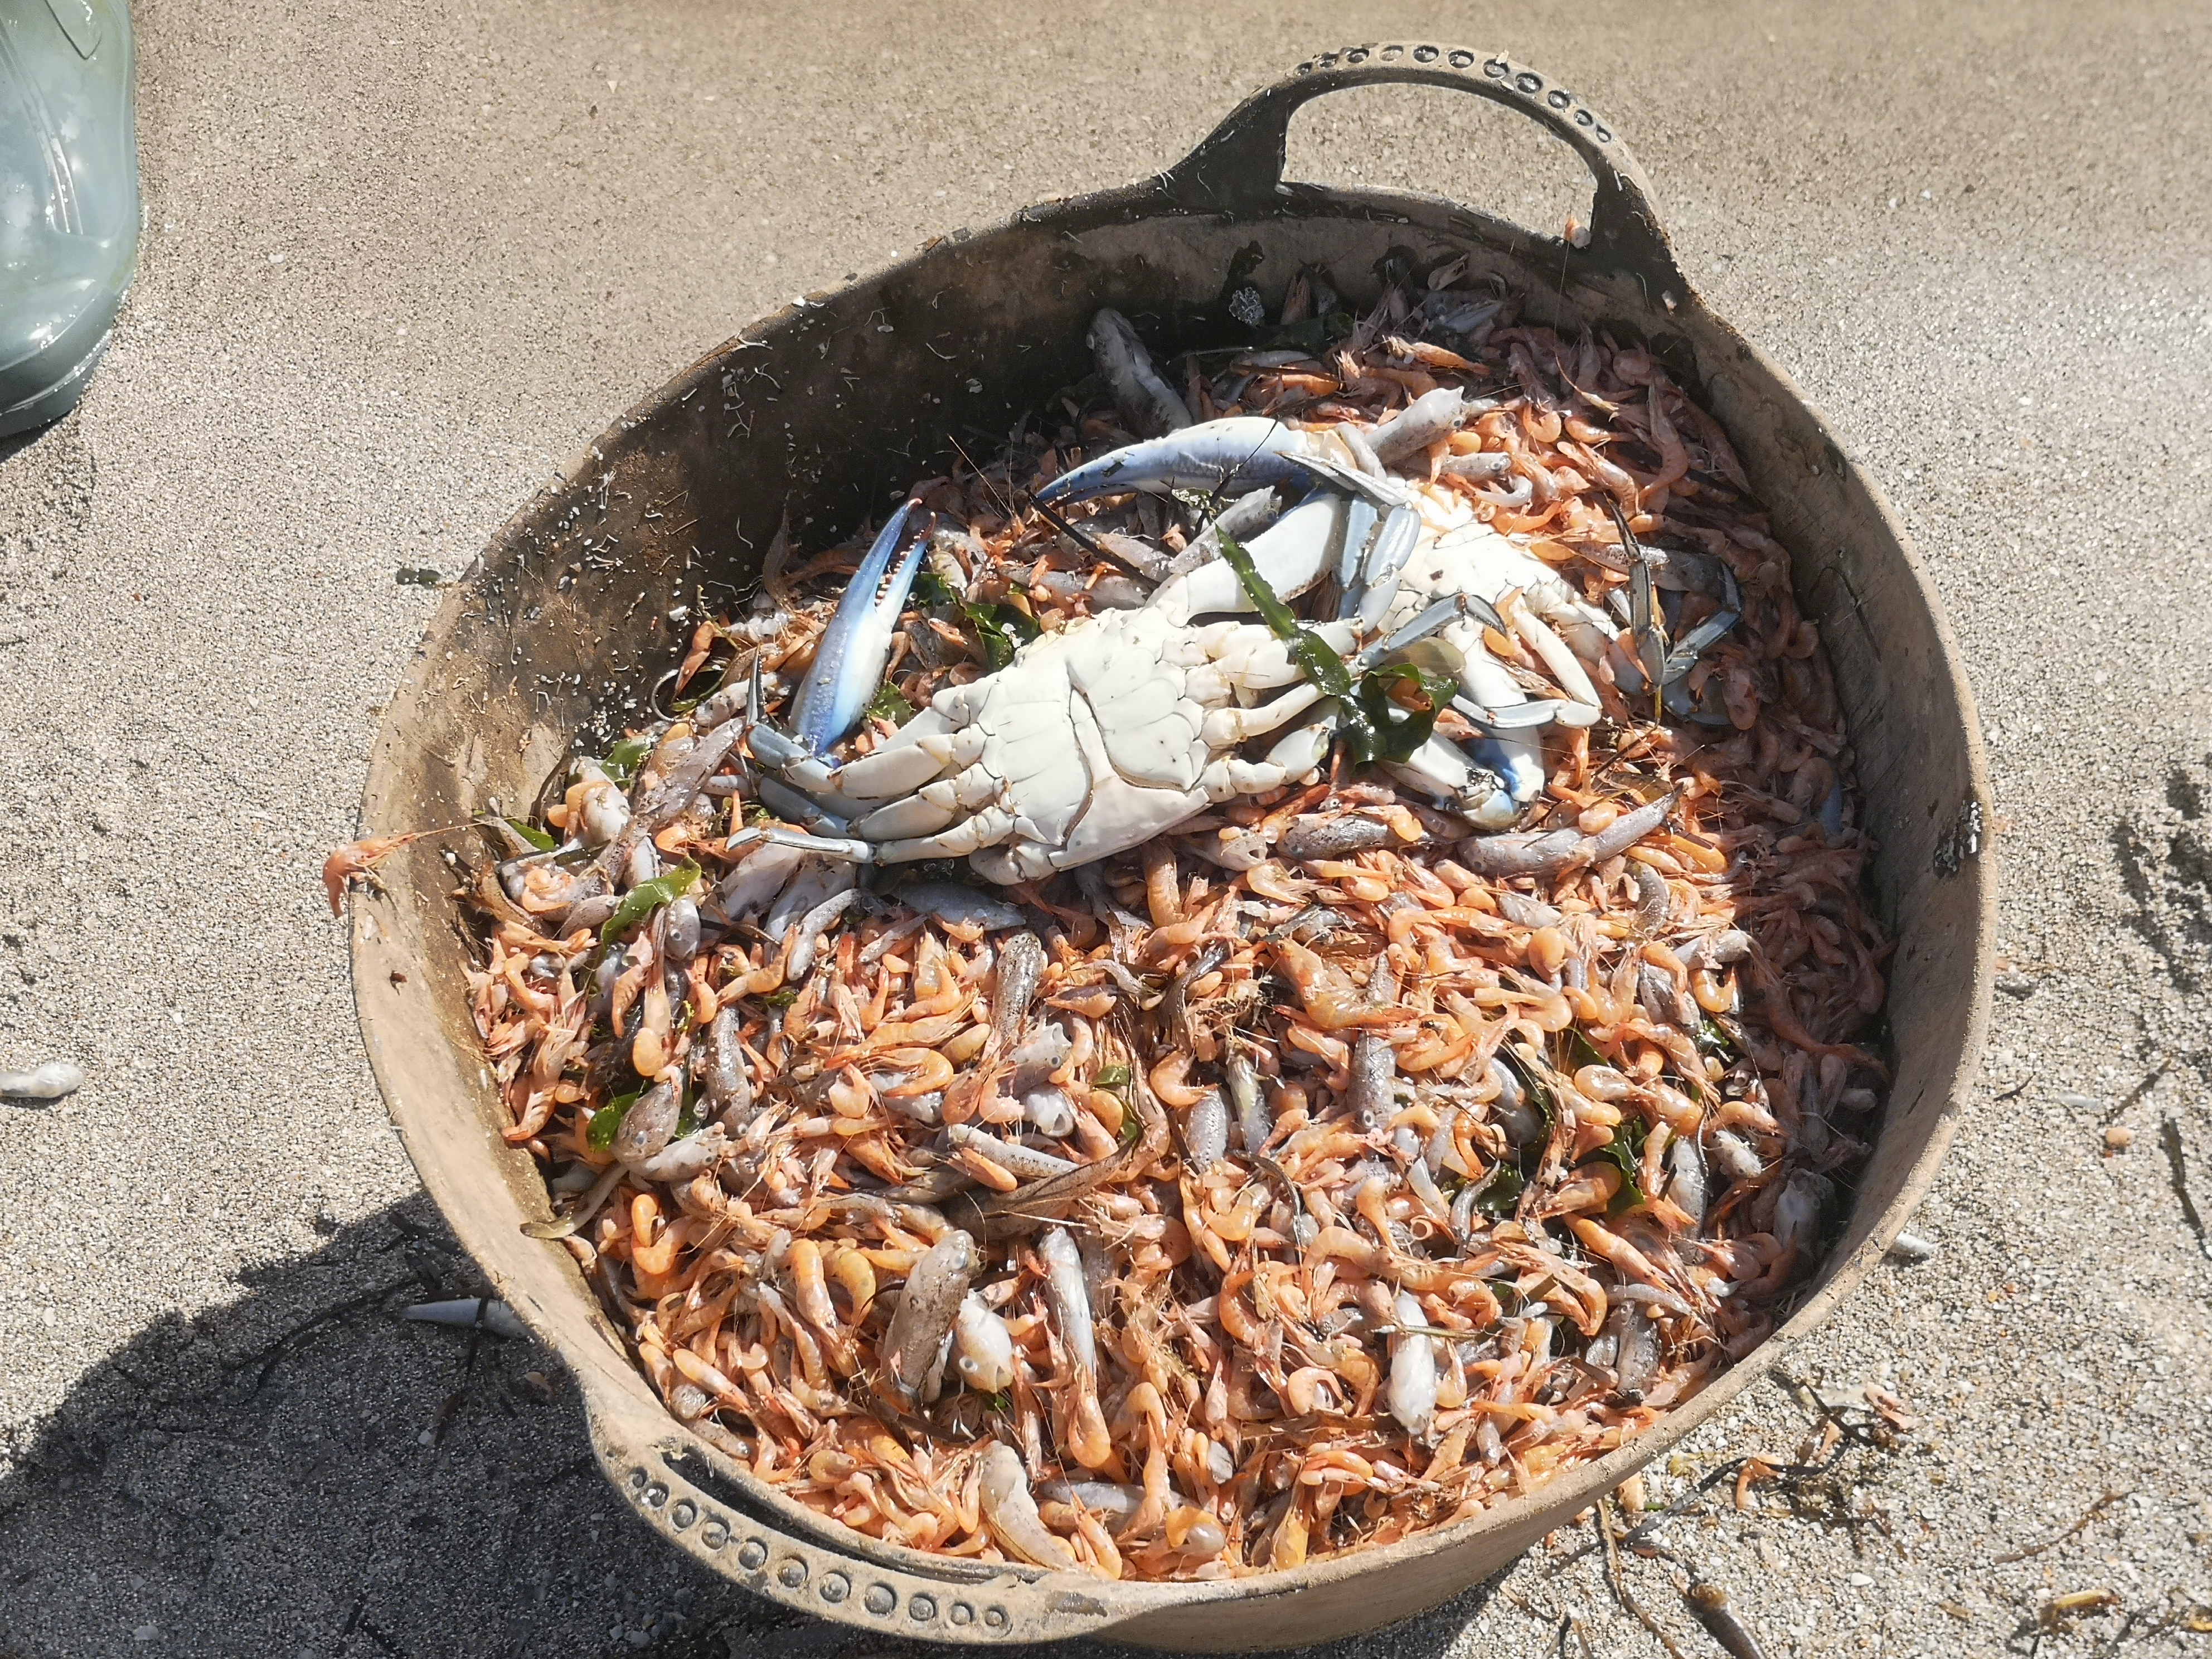 Un cesto con peces, langostinos y el resistente cangrejo azul, muertos por las condiciones de la laguna regional. Imagen: EEA